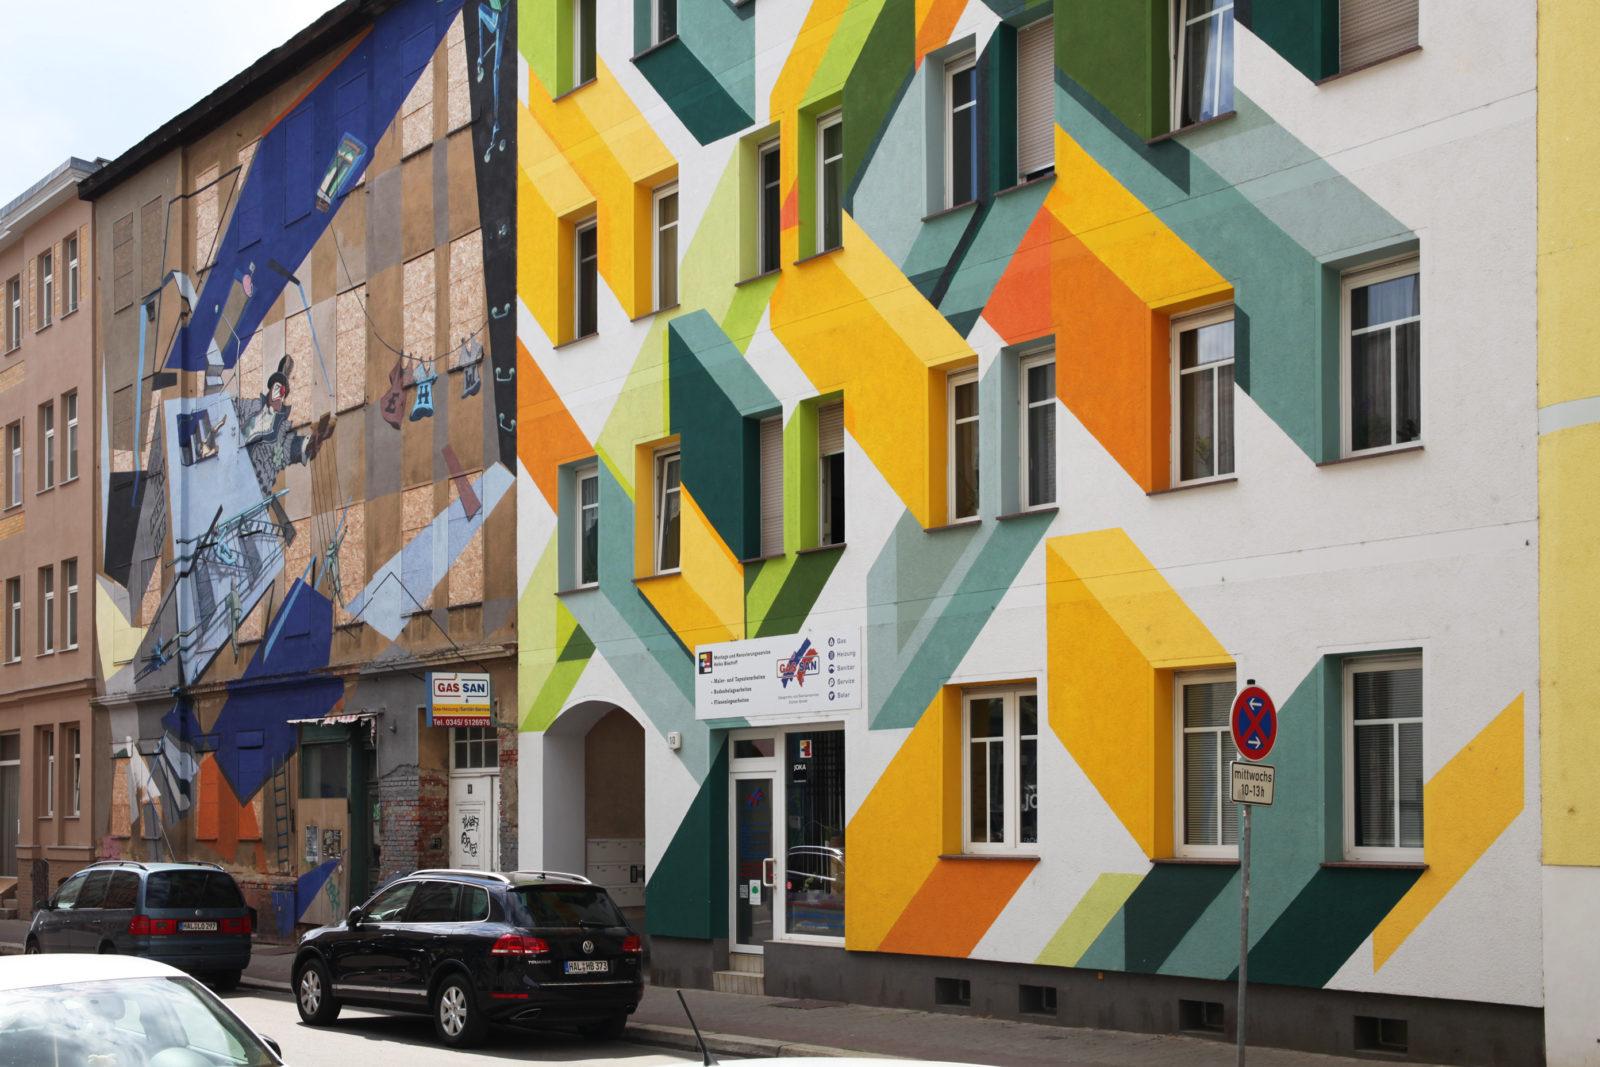 Halle ville allemande streetart murs couleurs 1 - Désertée, la ville allemande de Halle reprend vie grâce au street art